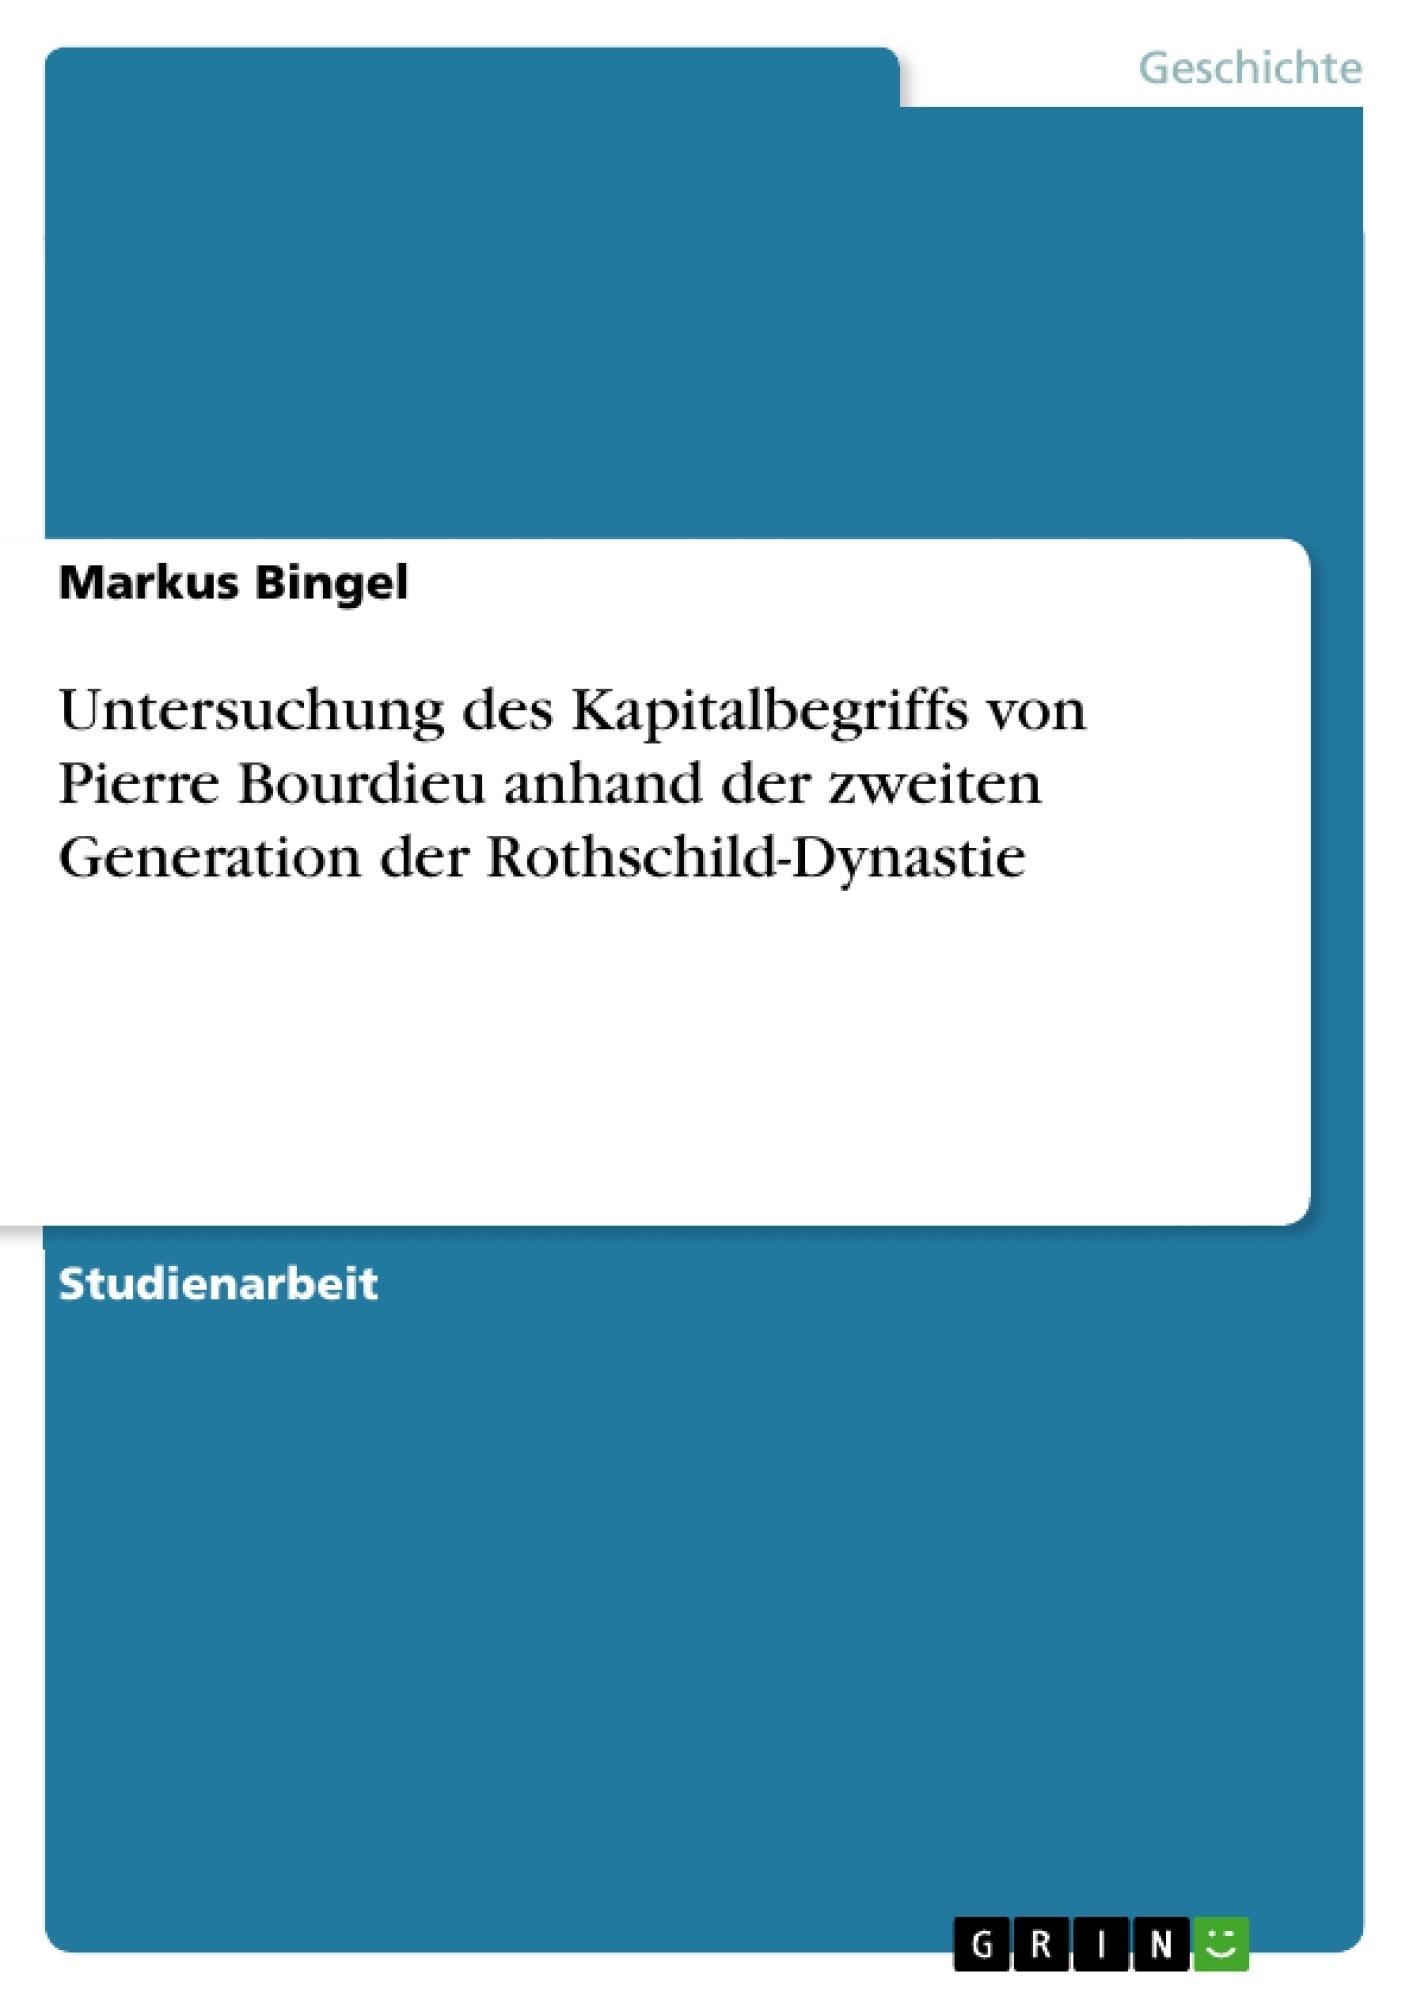 Titel: Untersuchung des Kapitalbegriffs von Pierre Bourdieu anhand der zweiten Generation der Rothschild-Dynastie